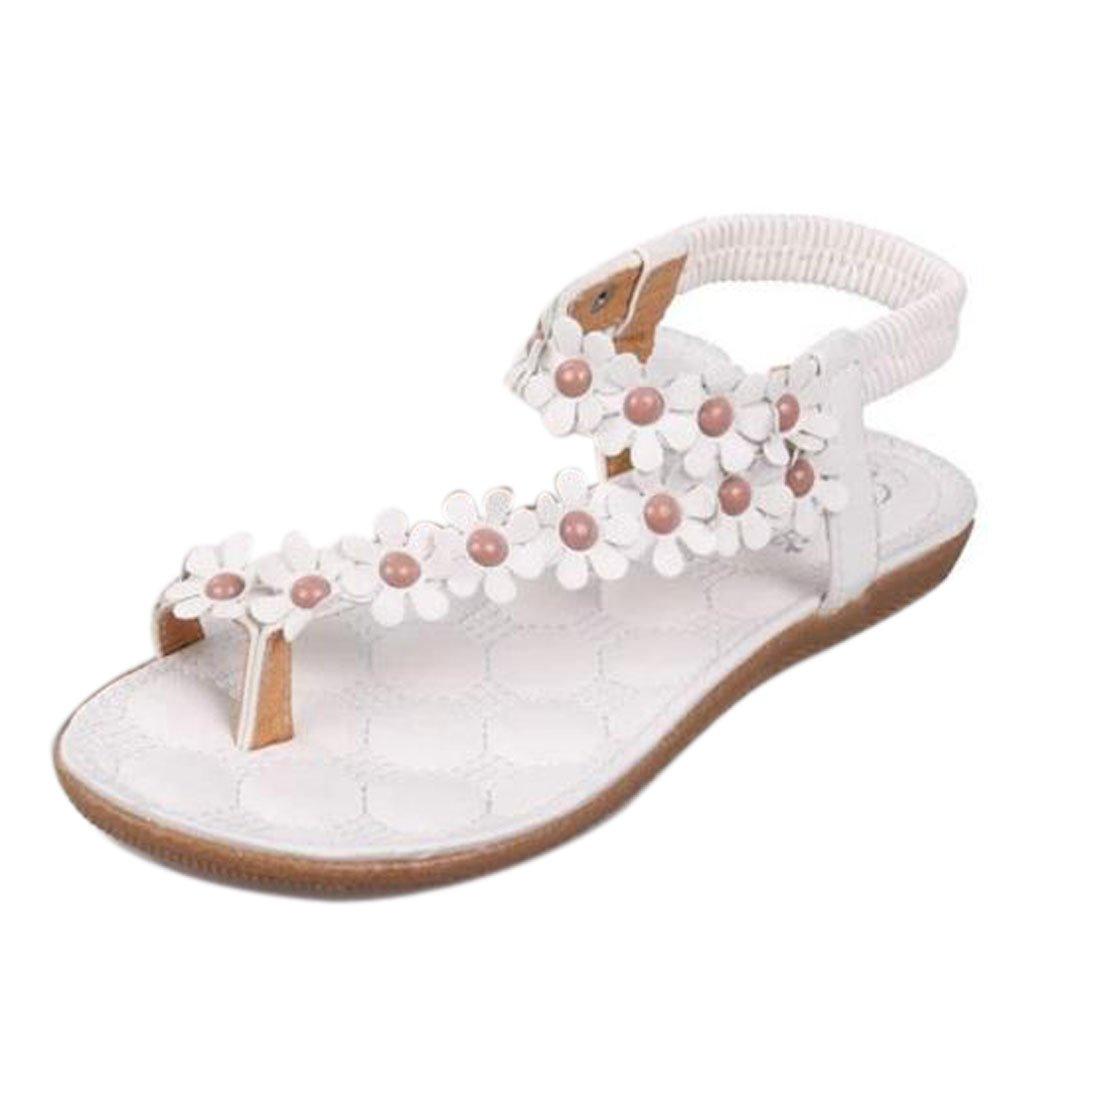 Damen Sommer Schuhe Xinan Bouml;hmen Blumen Flip Flop Sandalen  38|??wei??? ?